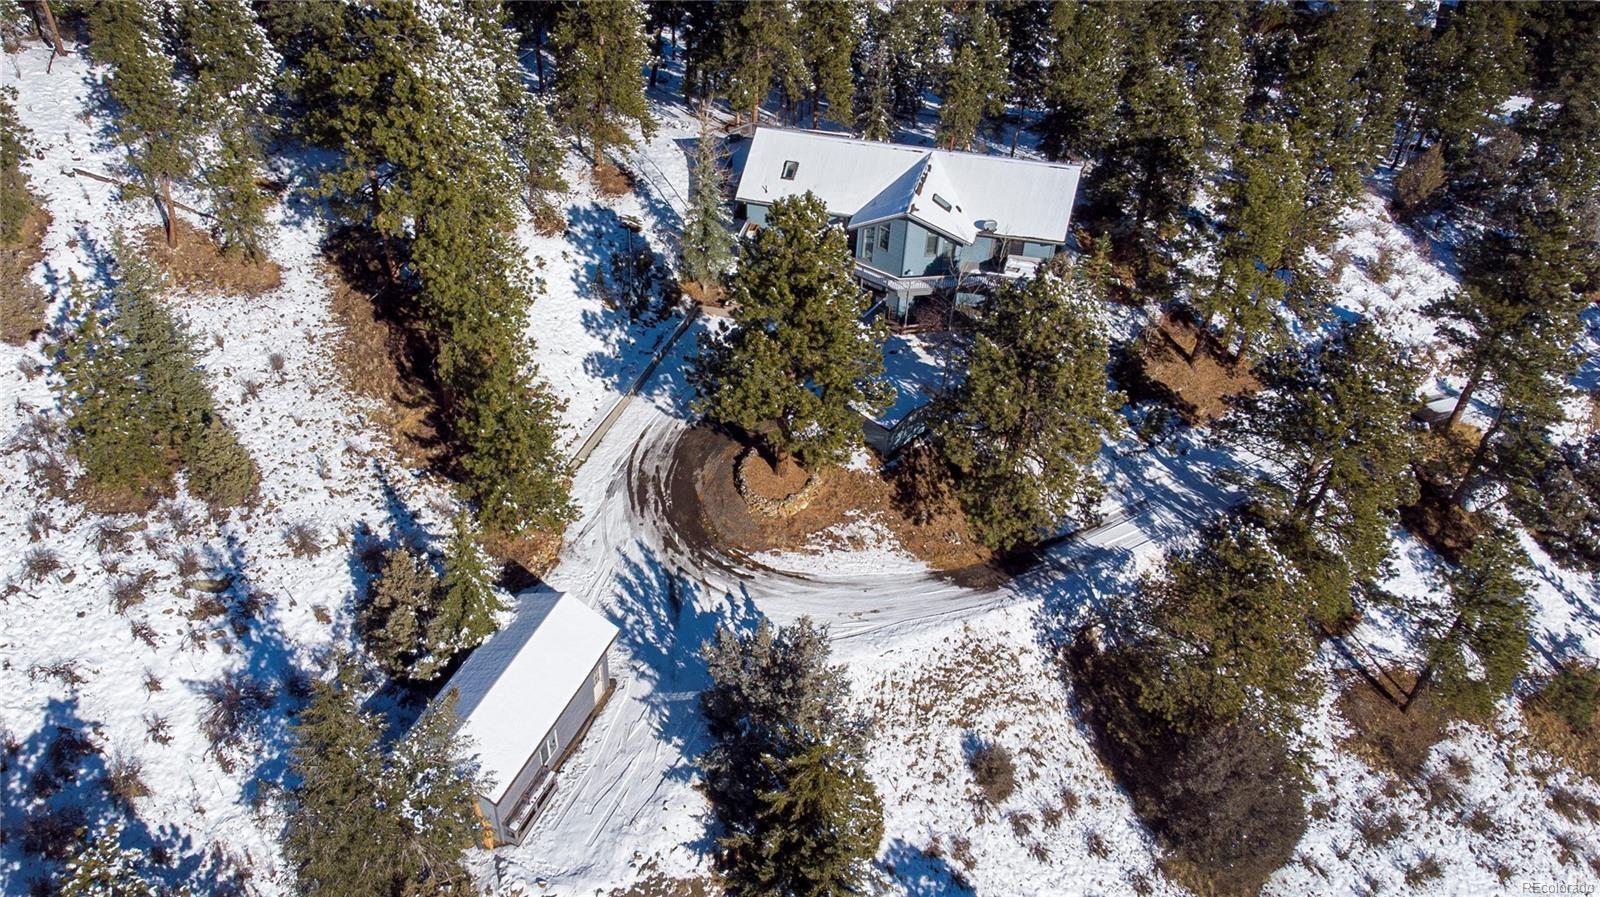 MLS# 8807220 - 33 - 89 Upper Elk Valley Drive, Evergreen, CO 80439